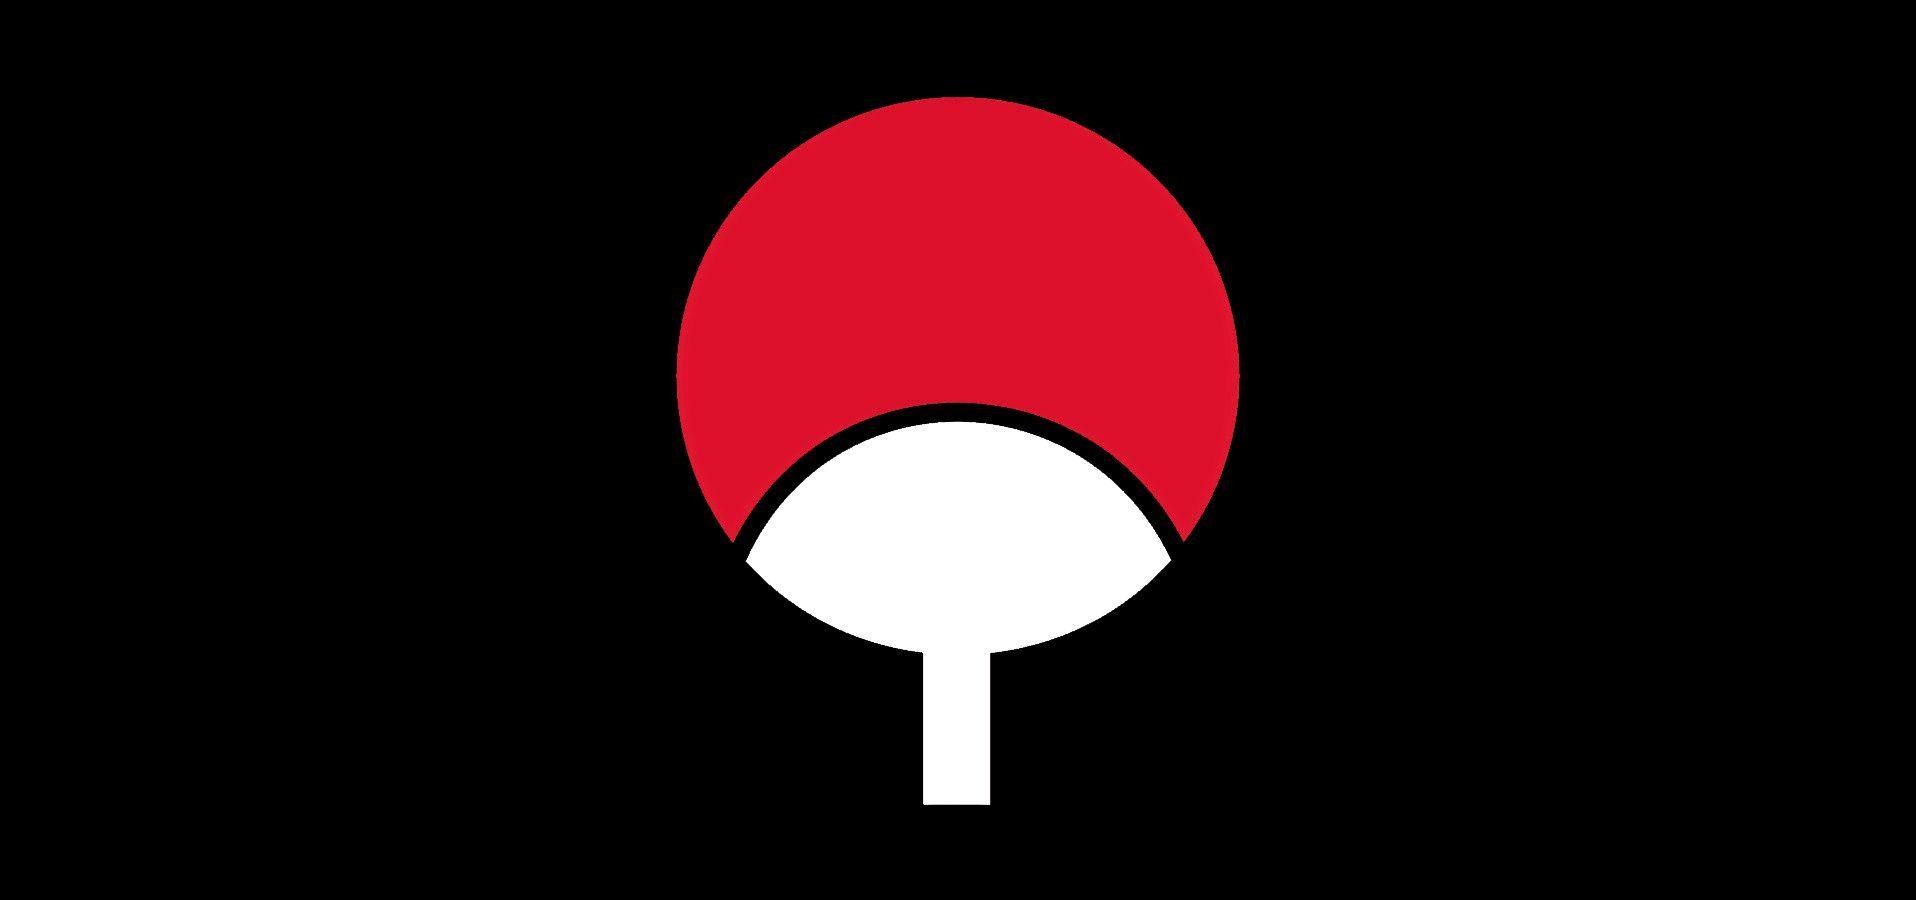 Uchiha Symbol Wallpaper